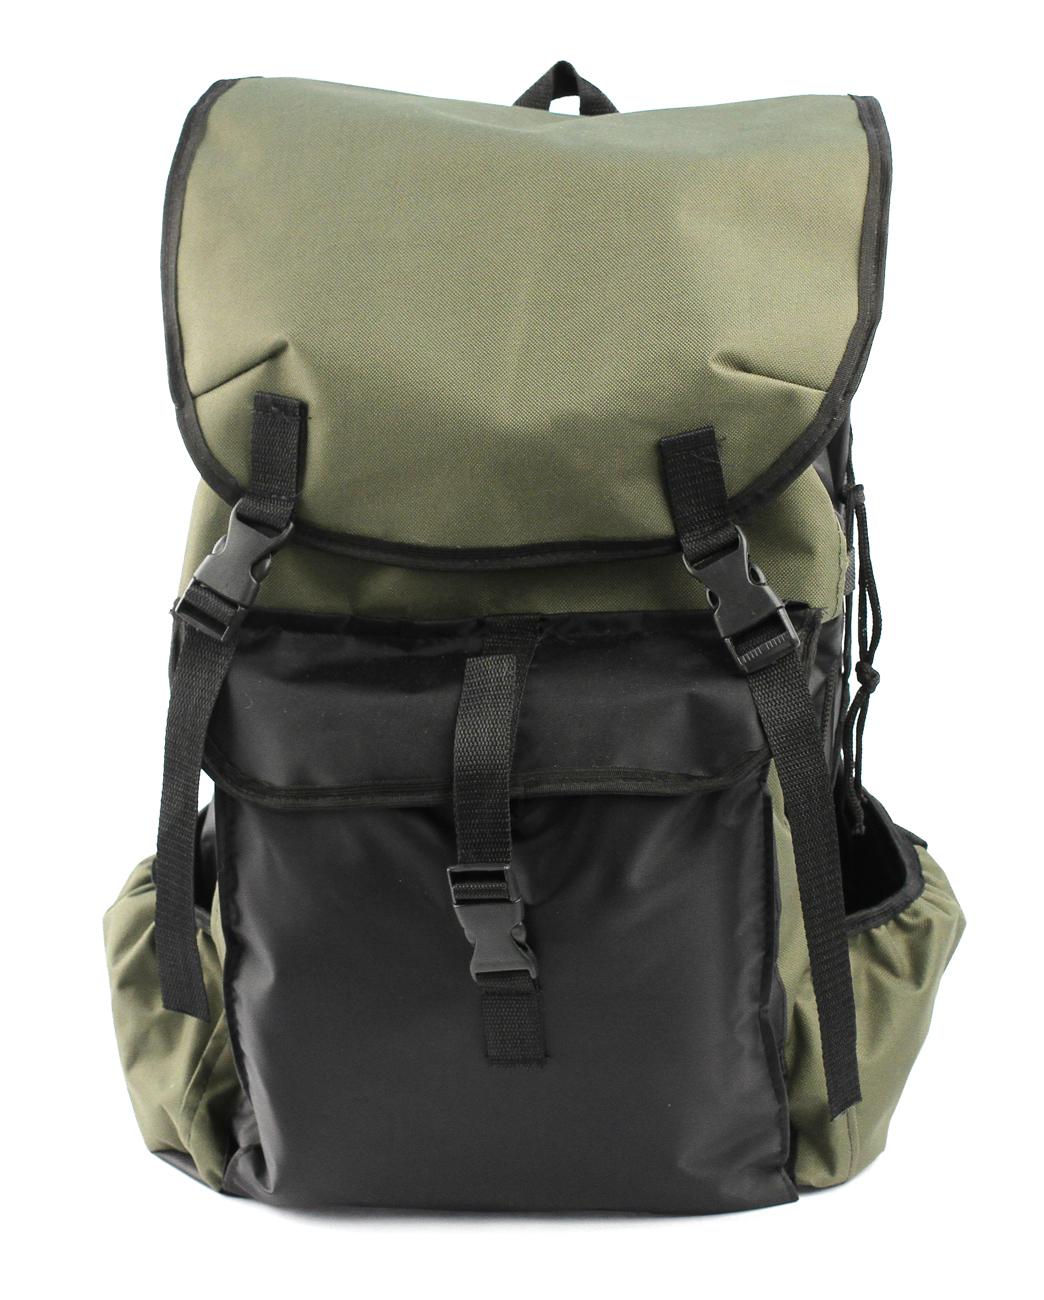 Рюкзак Рыбалка 30 литровРюкзаки<br>Недорогой практичный рюкзак РЫБАЛКА выполнен <br>из ткани оксфорд 600D с водоотталкивающей <br>пропиткой, которая защищает от осадков <br>и облегчает чистку изделия. Упрощенная <br>конструкция имеет один основной отсек, <br>горловина которого утягивается шнуром <br>и фиксируется при помощи кулиски. Для максимальной <br>защиты рюкзак закрывается откидным клапаном <br>с фиксацией на два ремешка с фастексами. <br>Извне имеются три накладных карман. По бокам <br>предусмотрена шнуровка для утяжки. Анатомическая <br>прокладка на спинке. Плечевые лямки регулируются <br>по росту. Подходит для охоты, рыбалки и активного <br>отдыха.<br><br>Пол: унисекс<br>Сезон: все сезоны<br>Цвет: оливковый